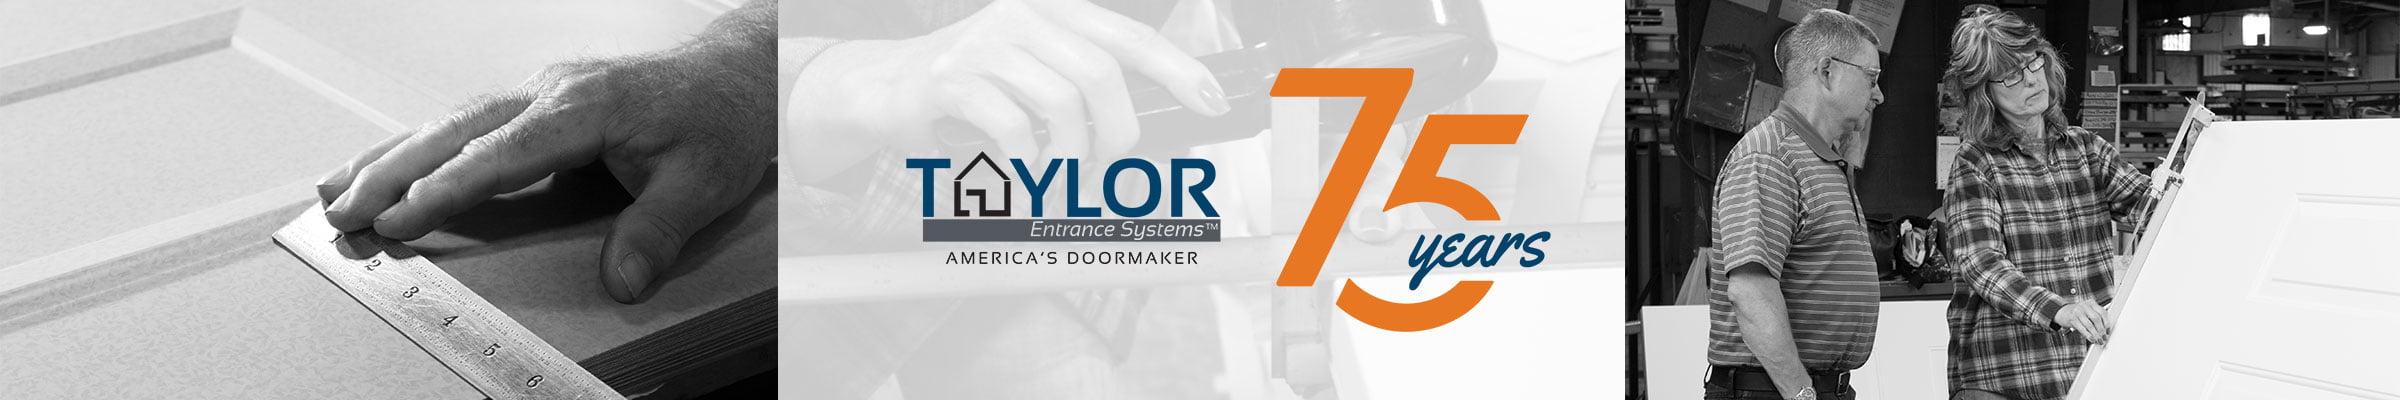 taylor-website-anniversarybanner-0821